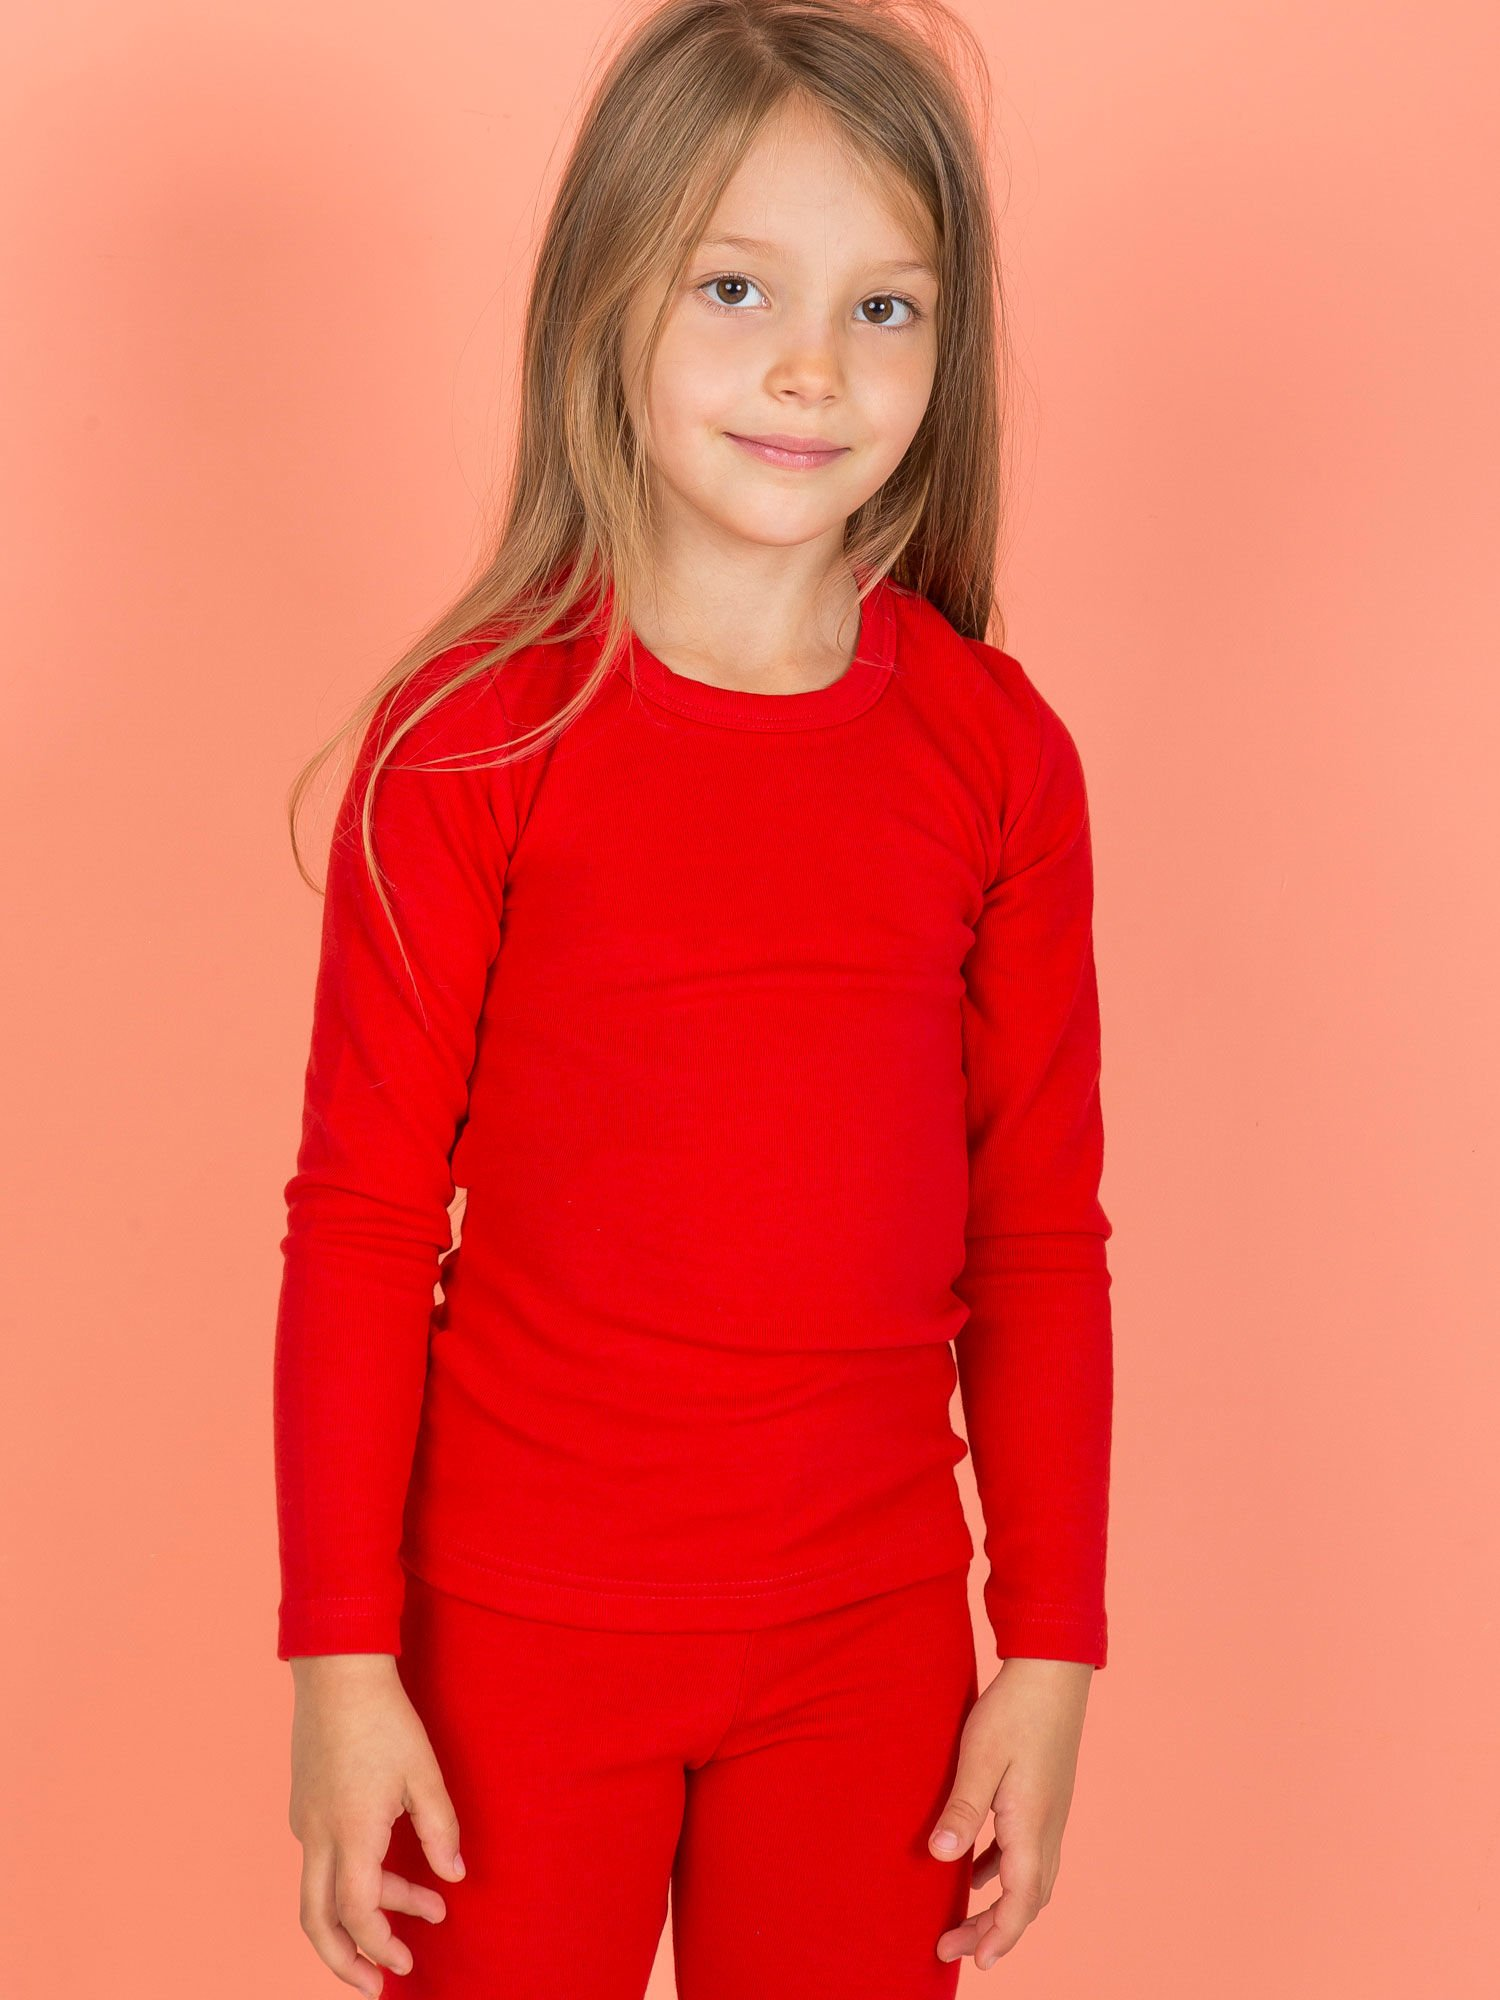 Czerwona Bluzka Dla Dziewczynki Z Długim Rękawem Dziecko Dziewczynka Bluzka Sklep Ebutik Pl